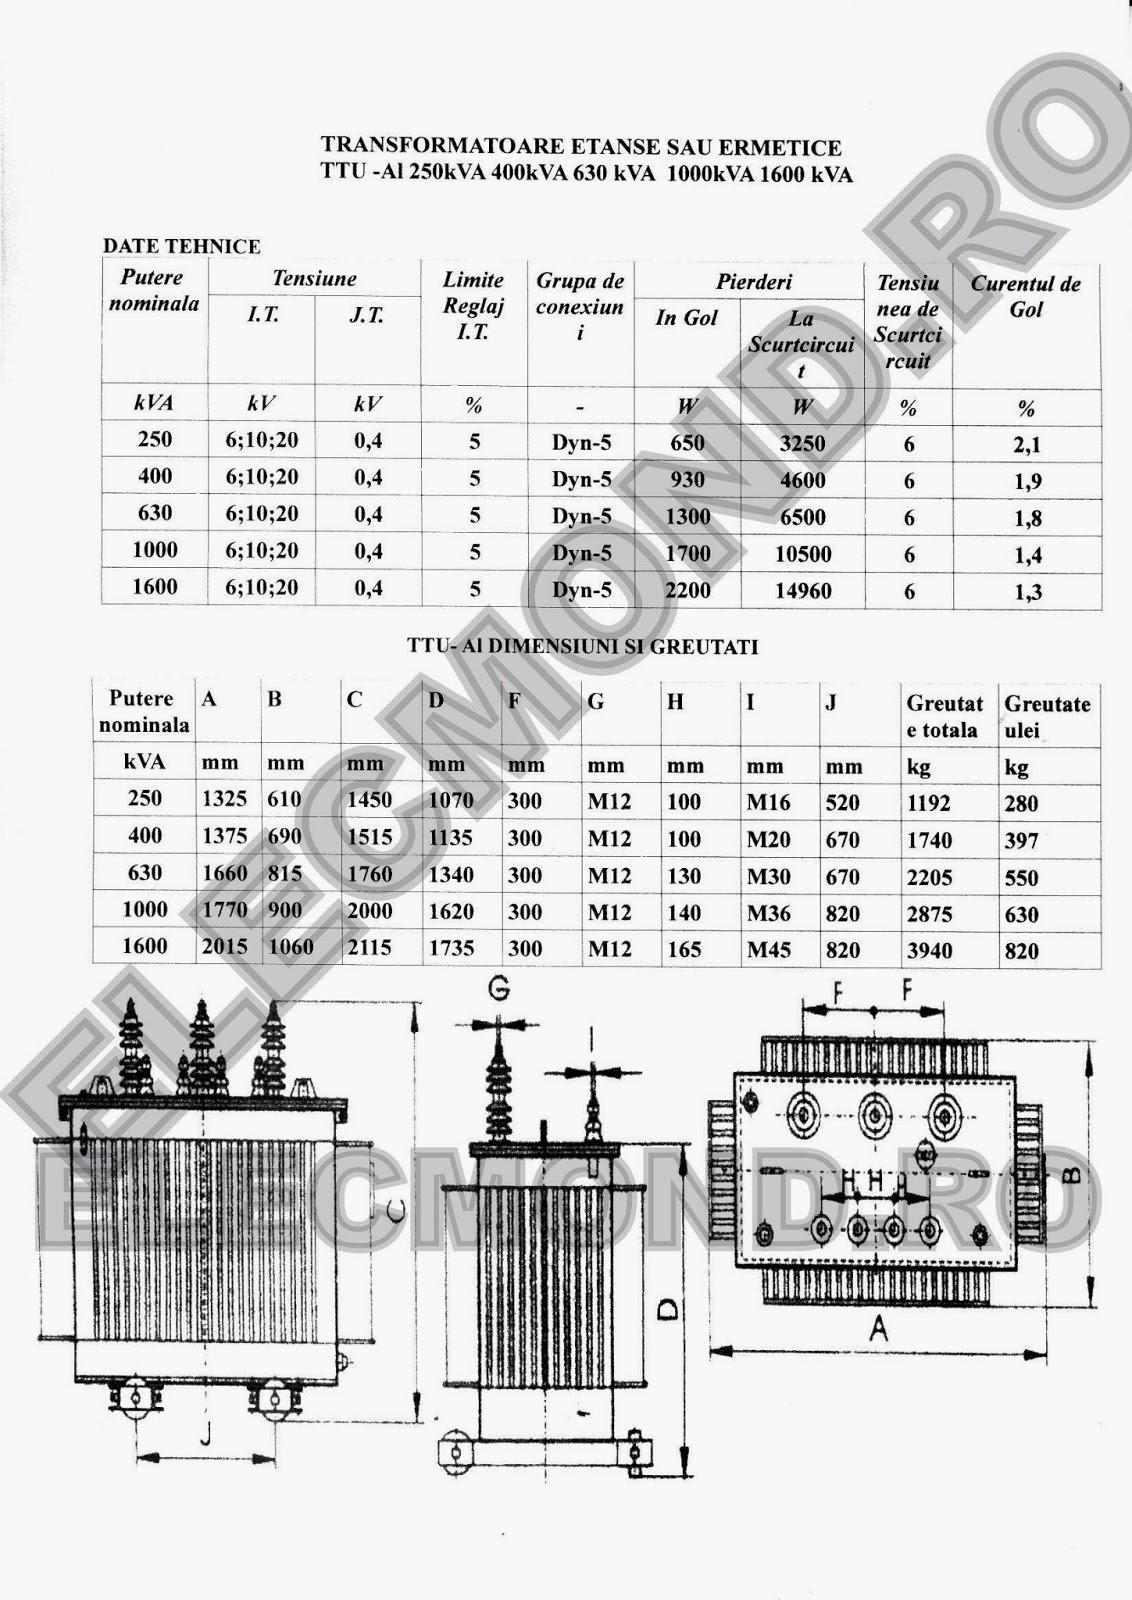 DATE TEHNICE TRANSFORMATOARE ERMETICE ETANSE  ALUMINIU 250 kVA 400 kVA 630 kVA 1000 kVA 1600 kVA, elecmond  ,